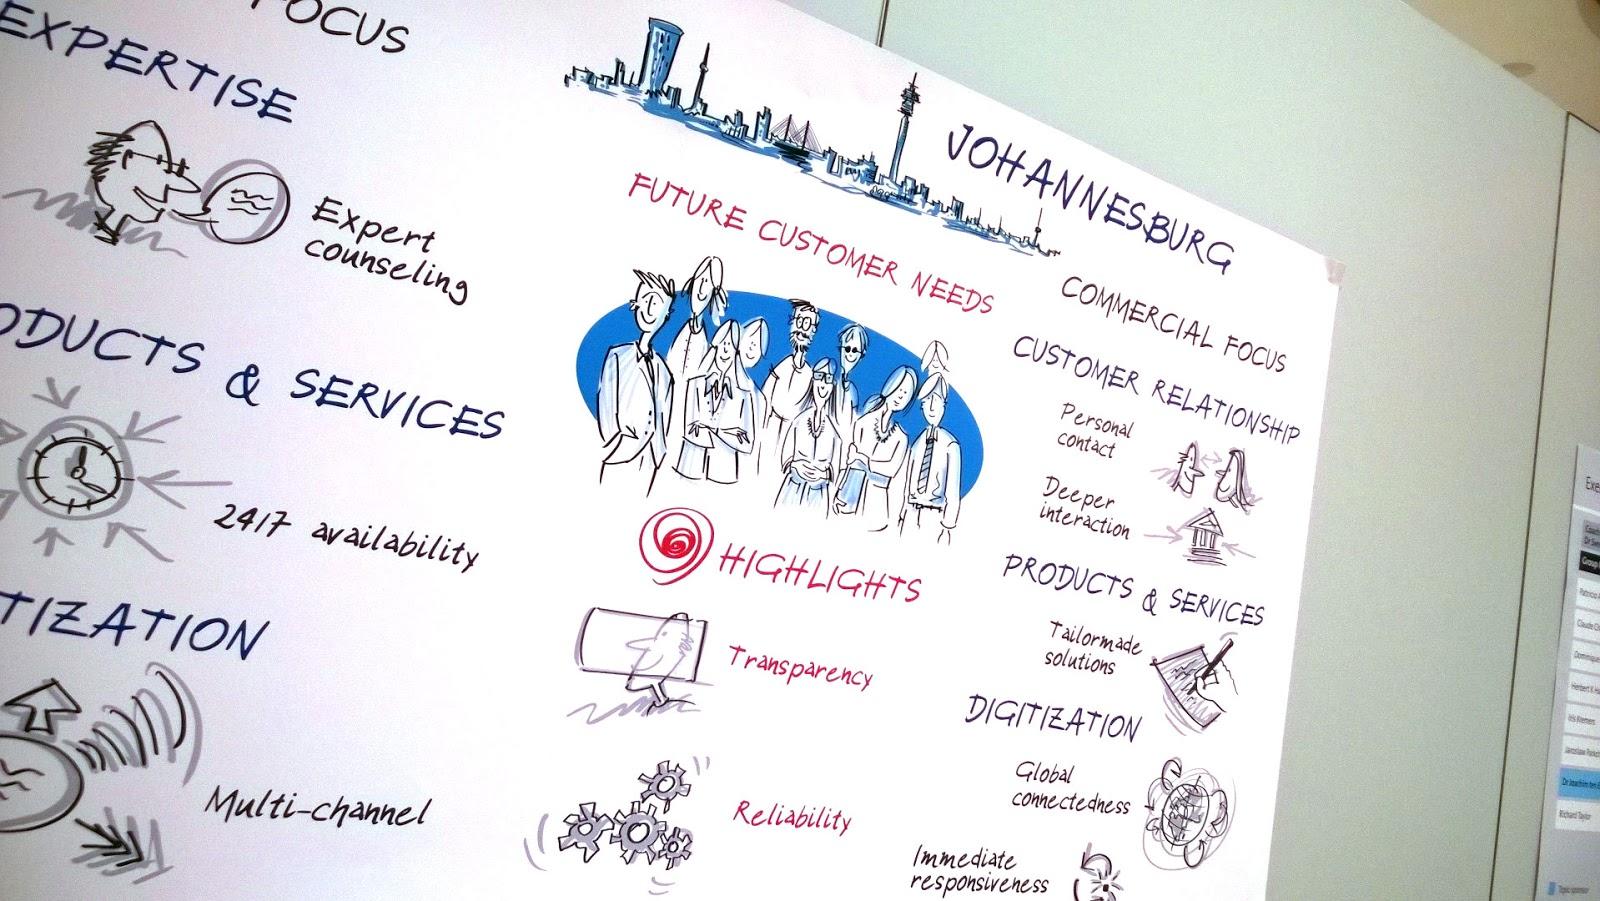 Postergestaltung für eine Tagung als Zusammenfassung von Workshops